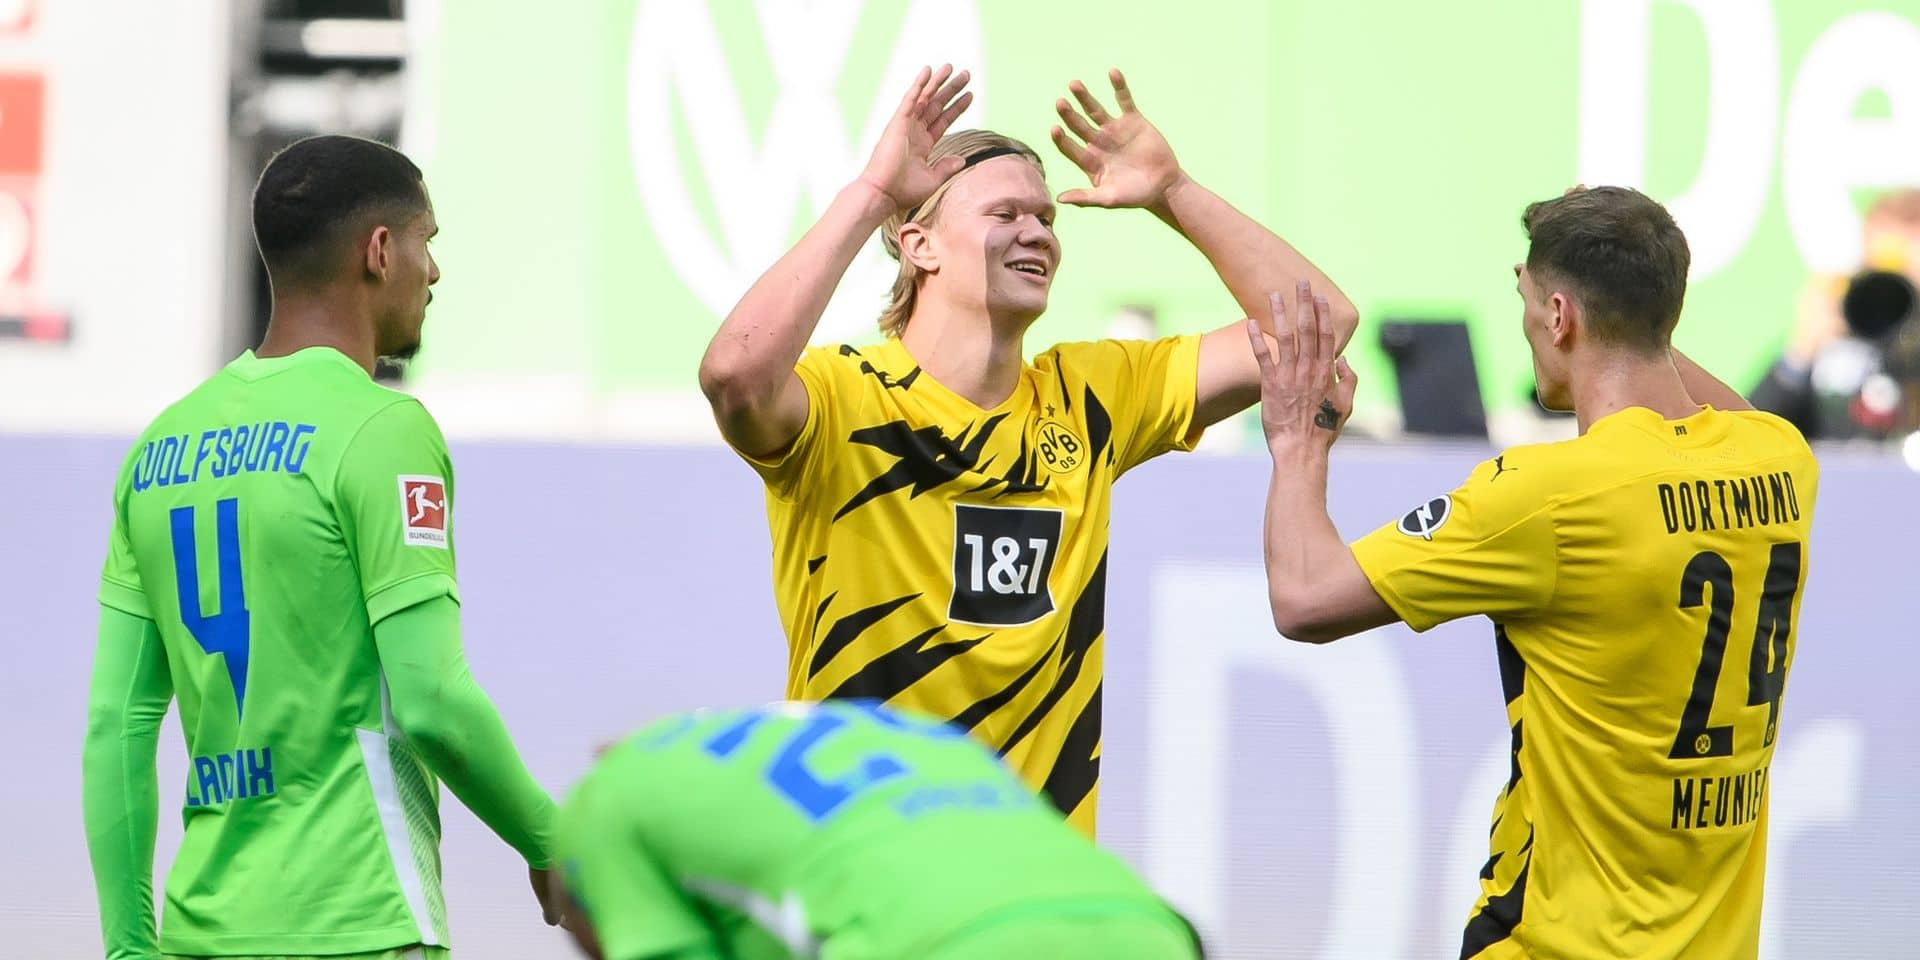 Les Belges à l'étranger: Dortmund, avec Hazard et Meunier, bat Wolfsburg, Eden Hazard joue 15 minutes et prend un petit point